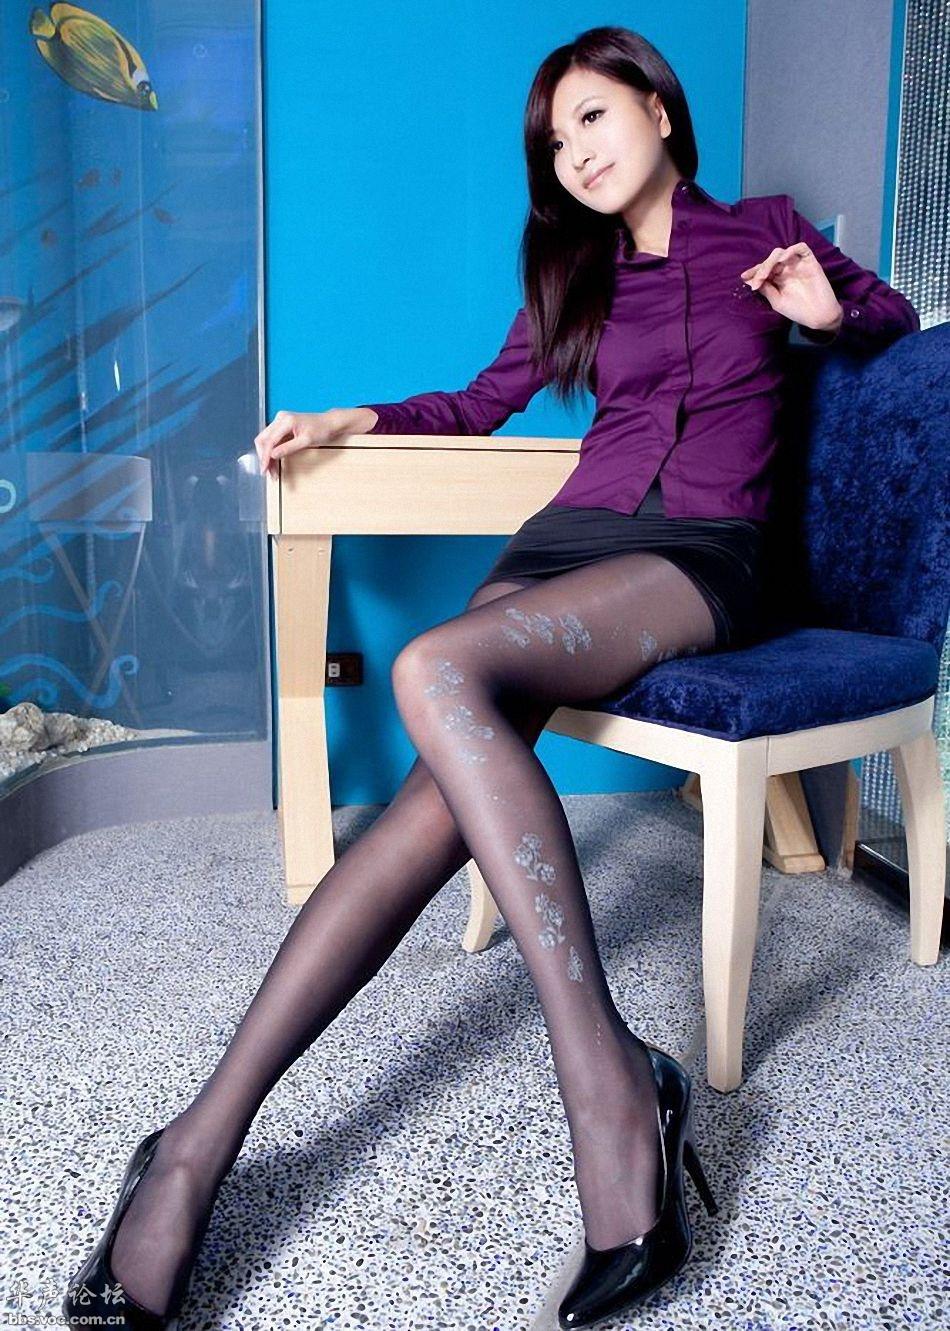 靓丽腿模图片